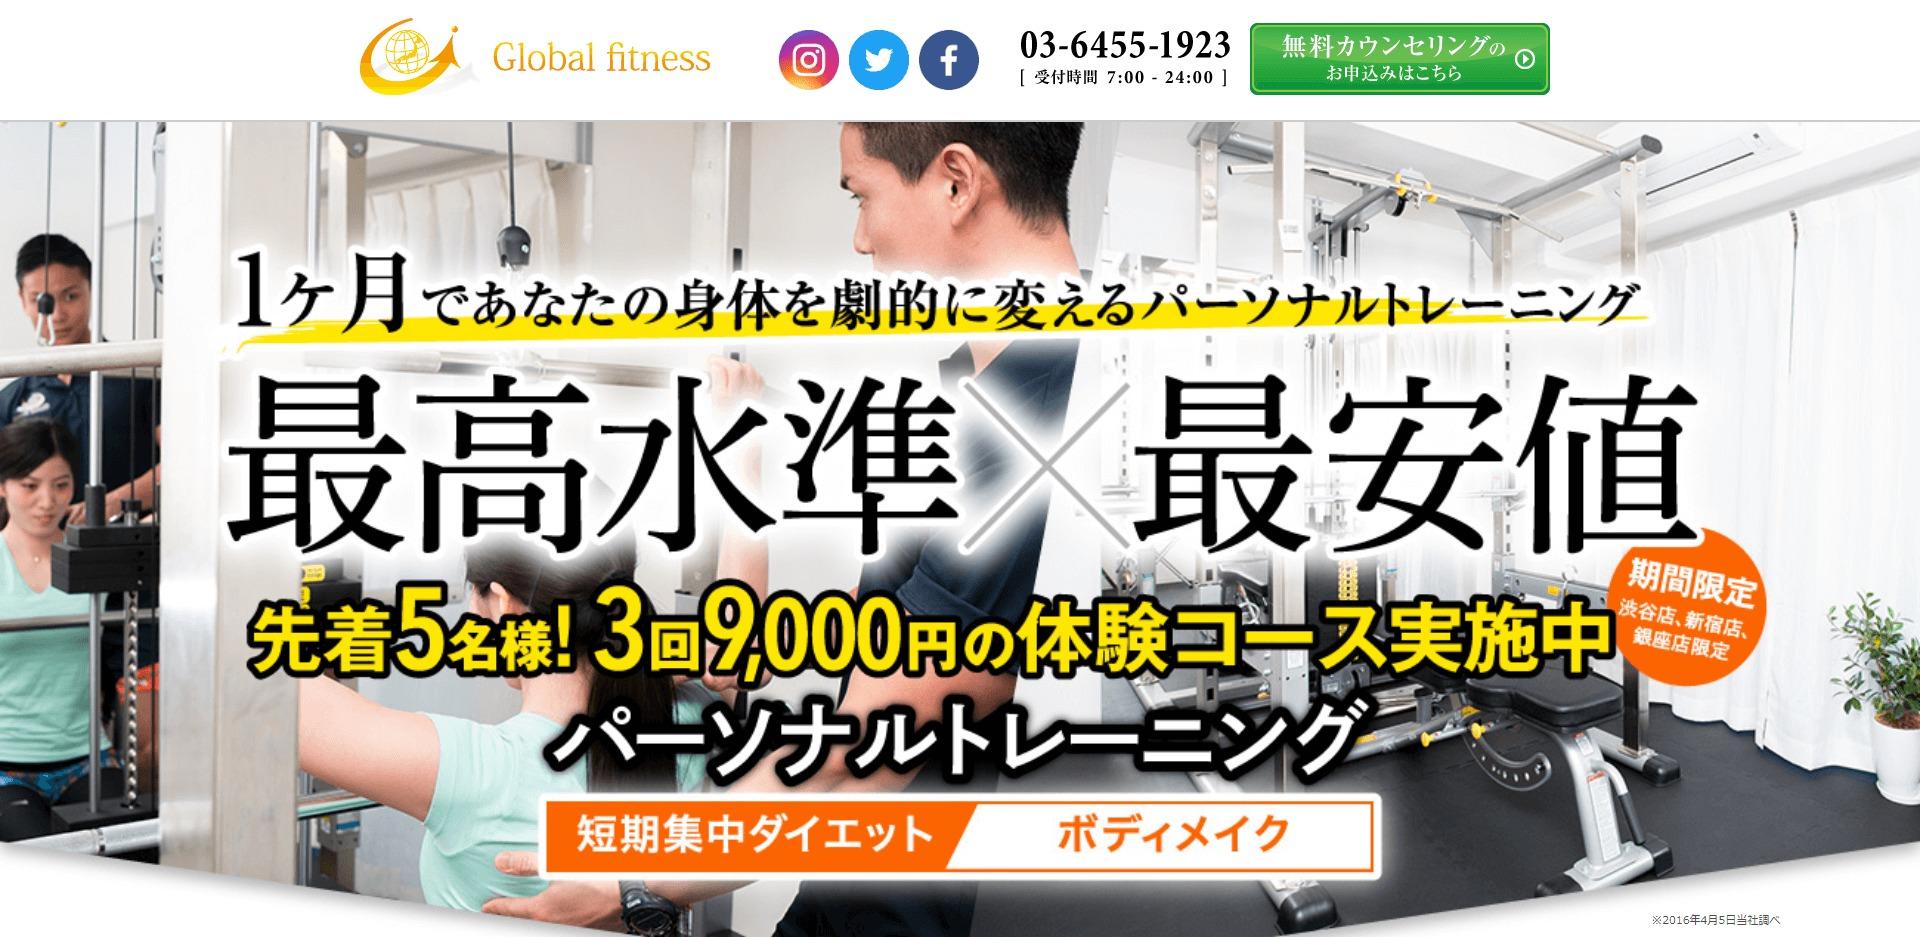 千葉エリアでおすすめのパーソナルトレーニングジム「Global fitness(グローバルフィットネス)千葉店」